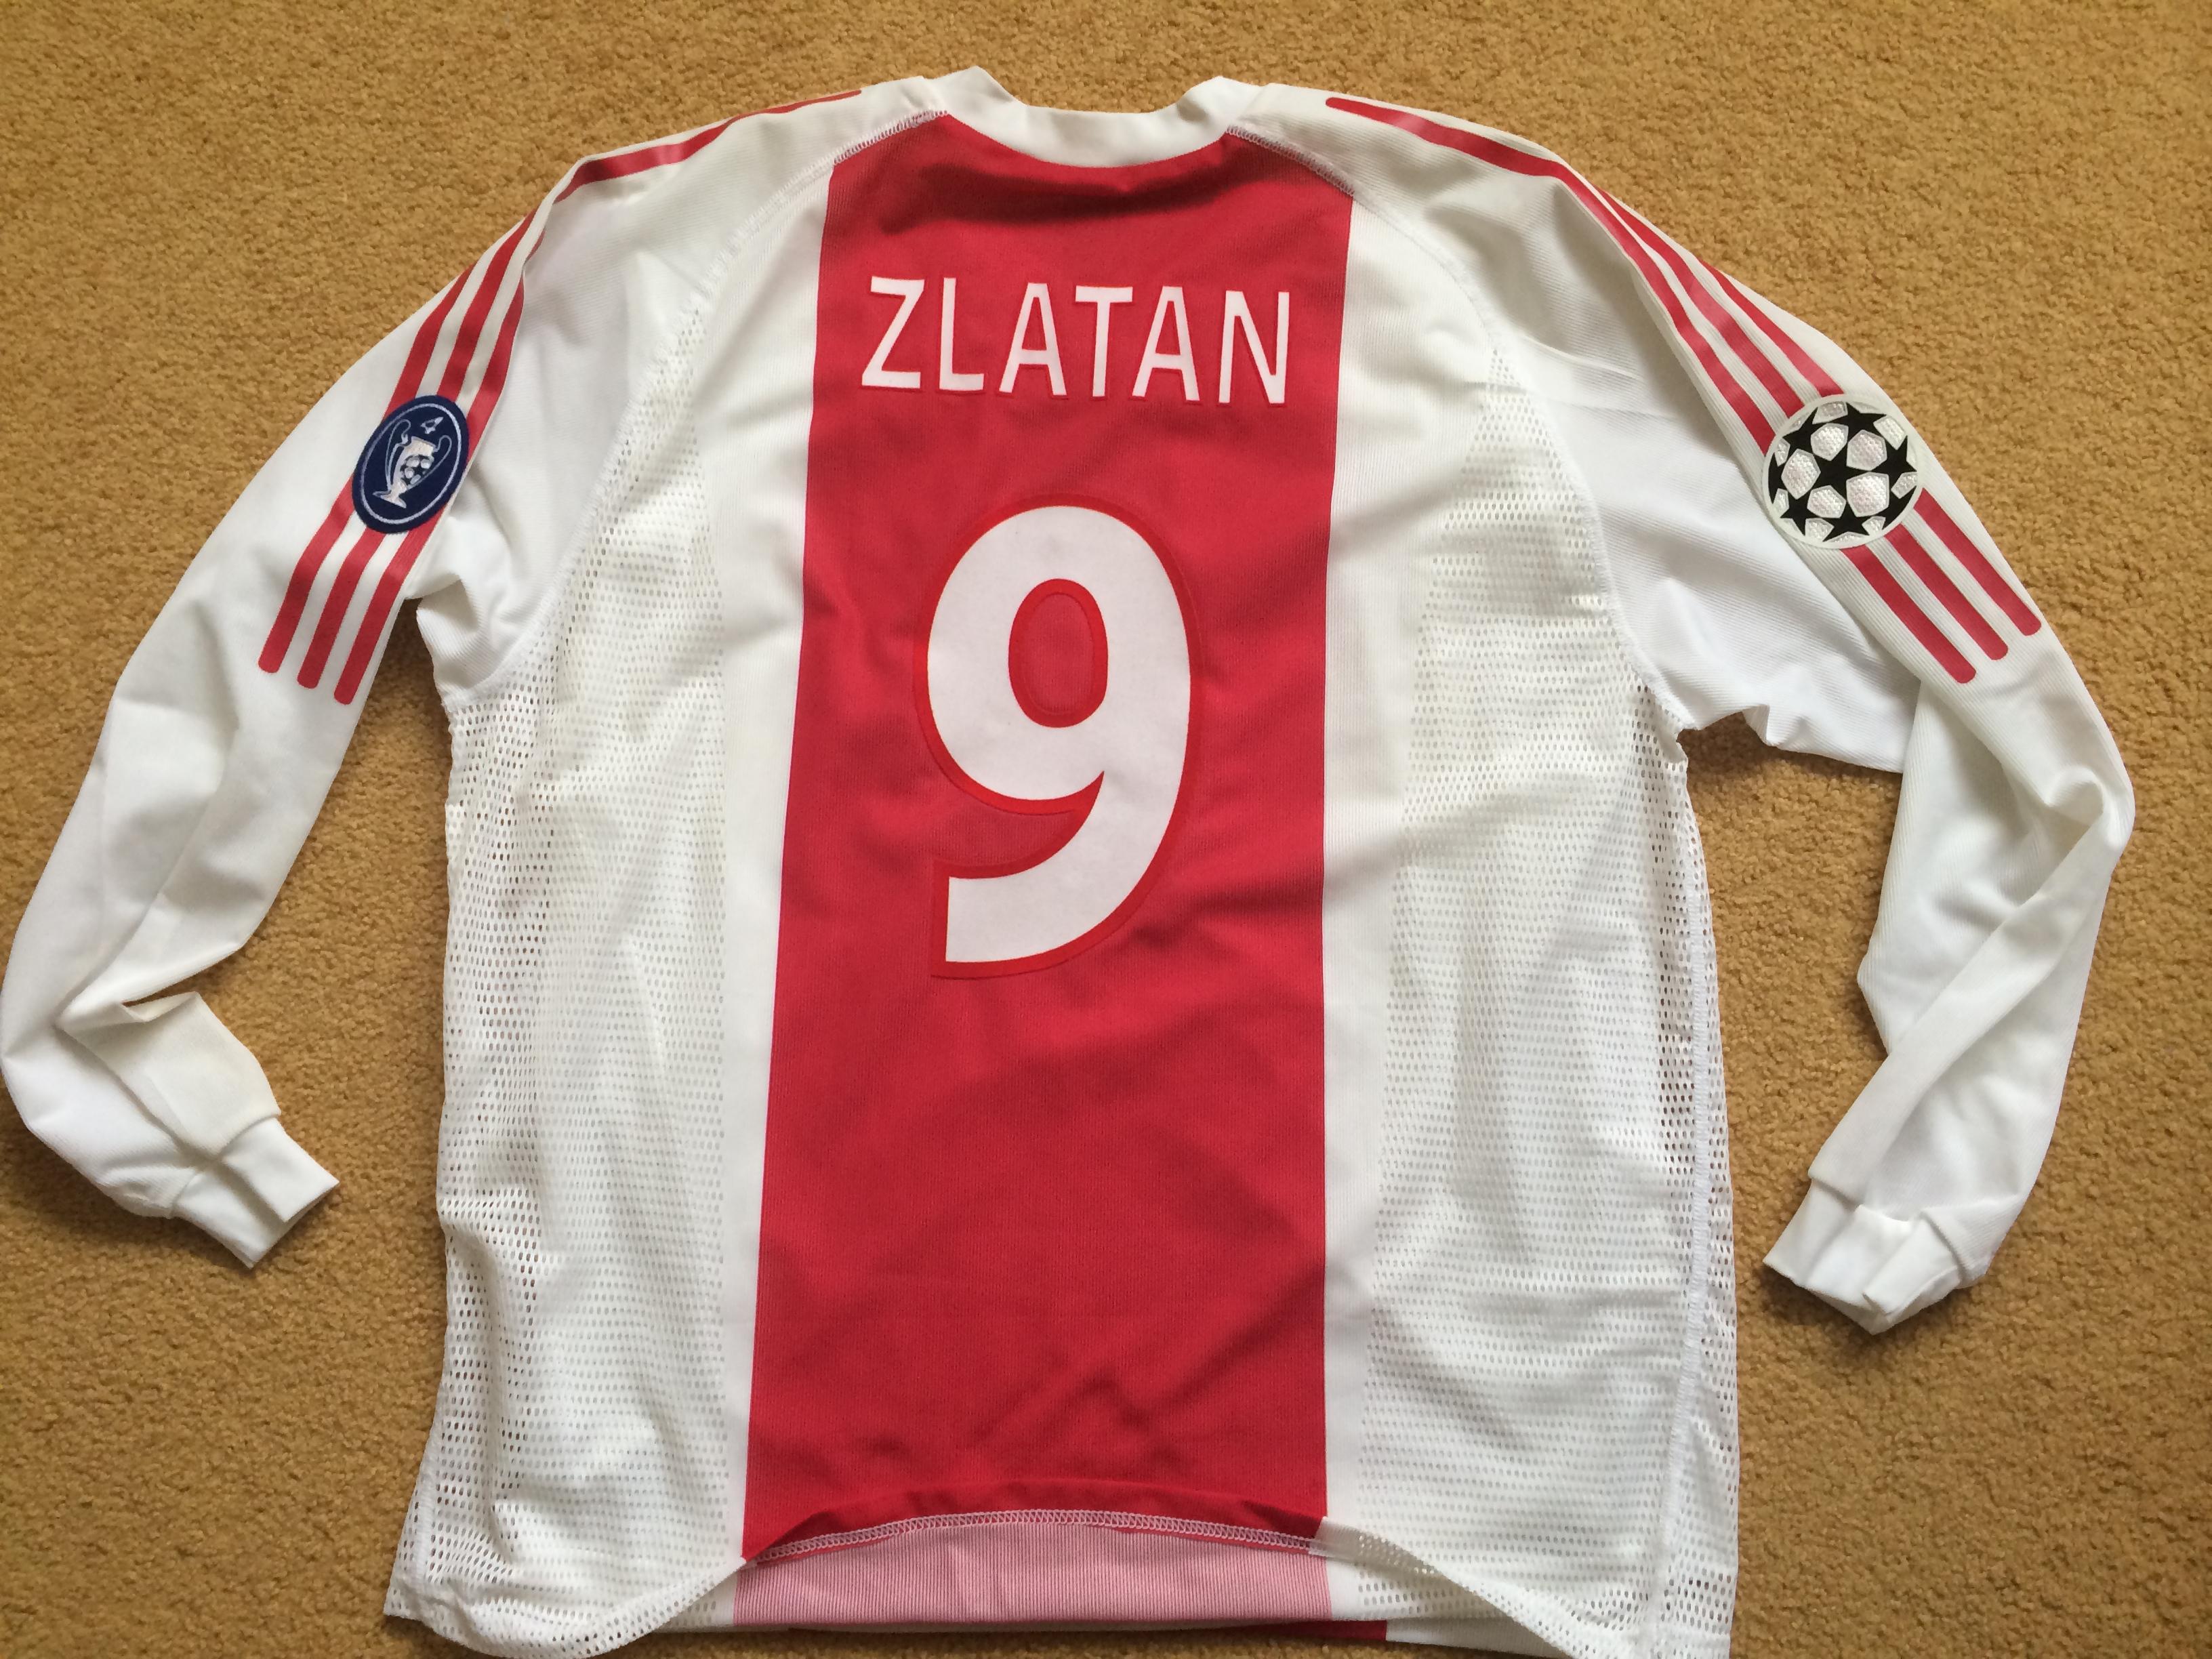 quality design a11b5 e1ae8 zlatan milan jersey